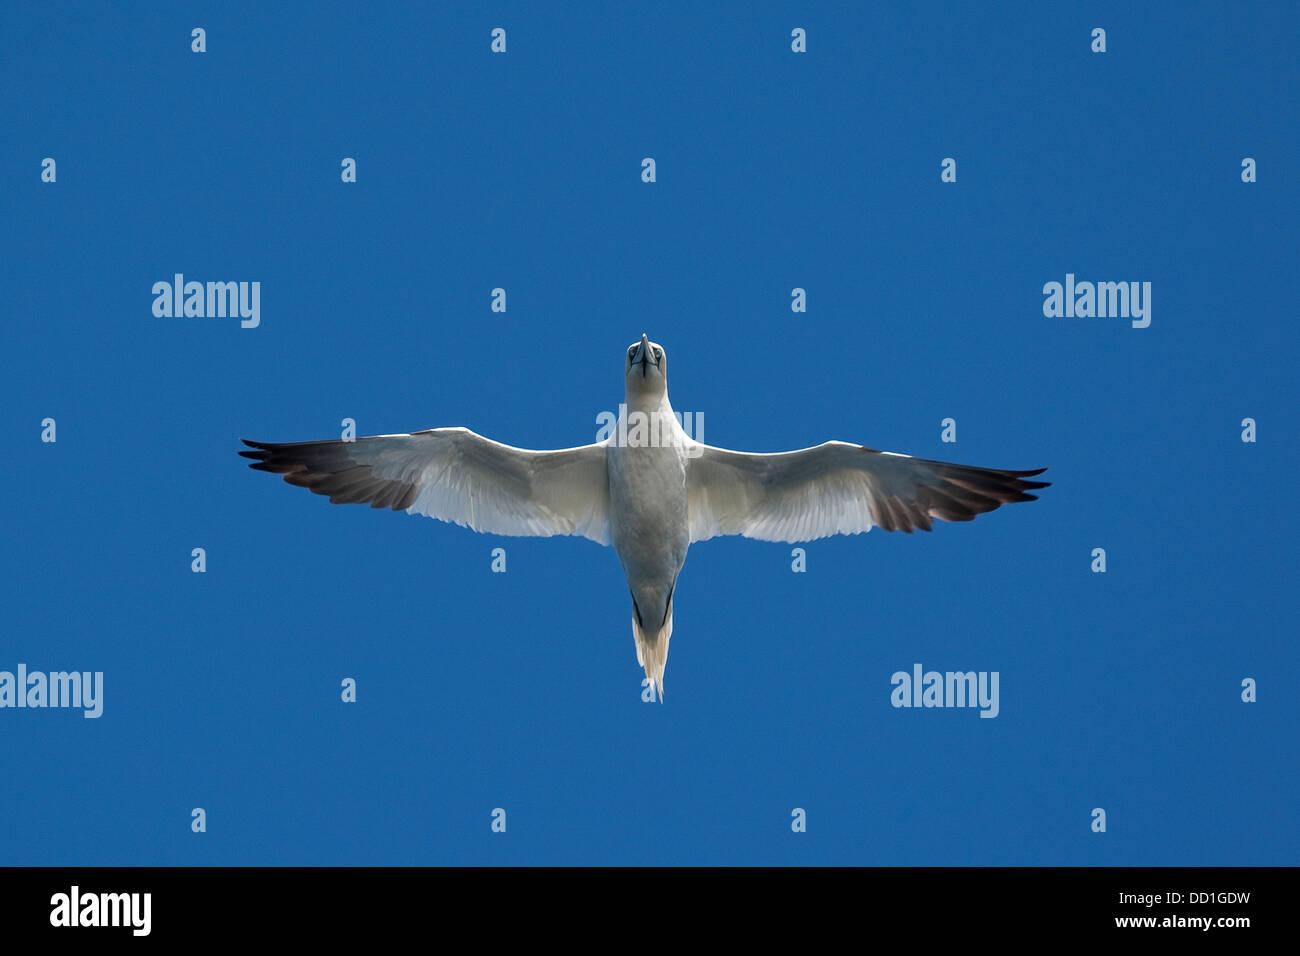 Northern gannet, flying, flight, Basstölpel, Baßtölpel, Flug, Flugbild, fliegend, Tölpel, Sula - Stock Image